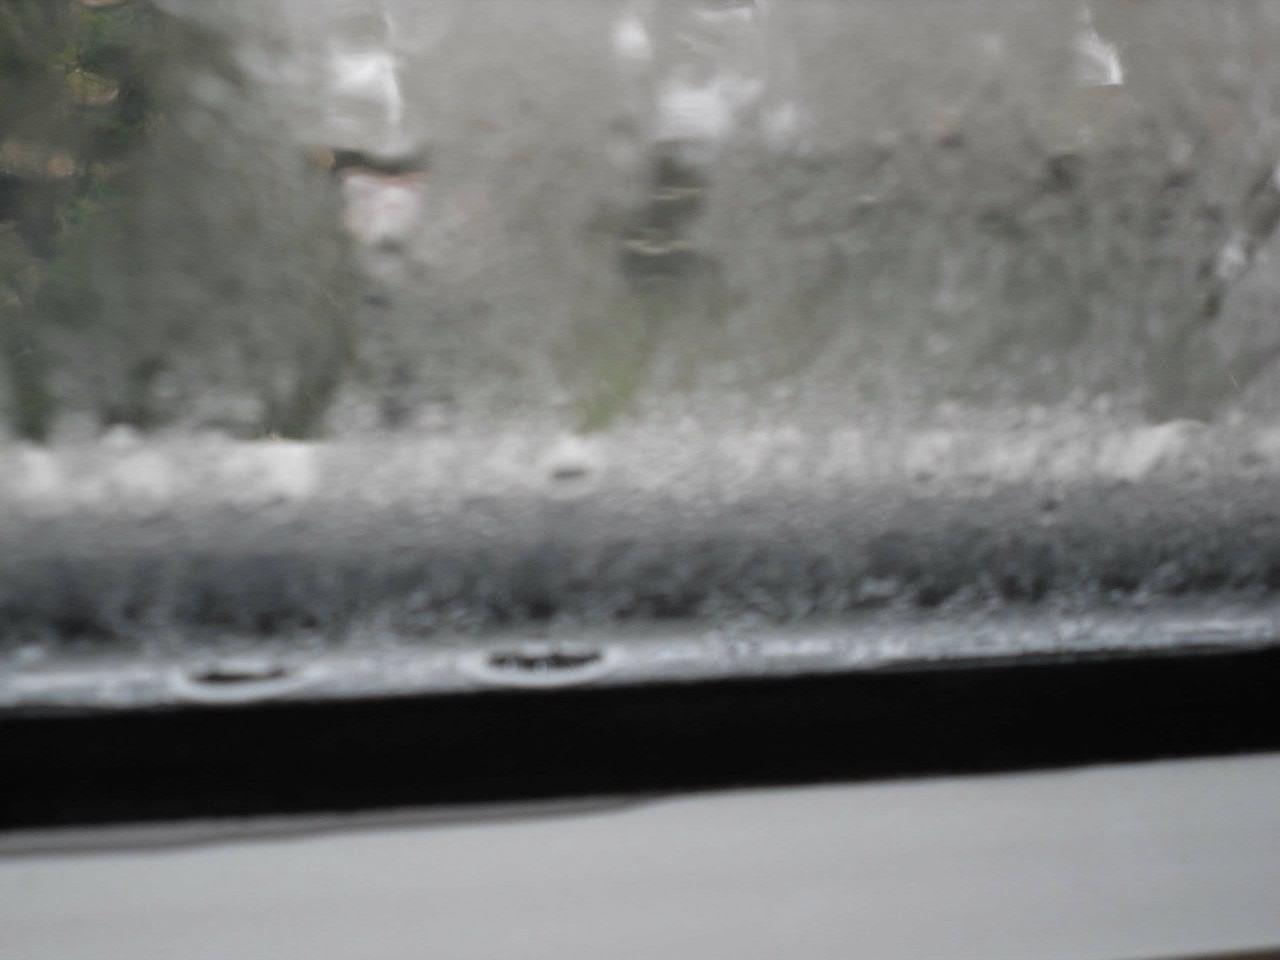 Nasse fenster und nasses fensterbrett - Fenster beschlagen zwischen den scheiben ...